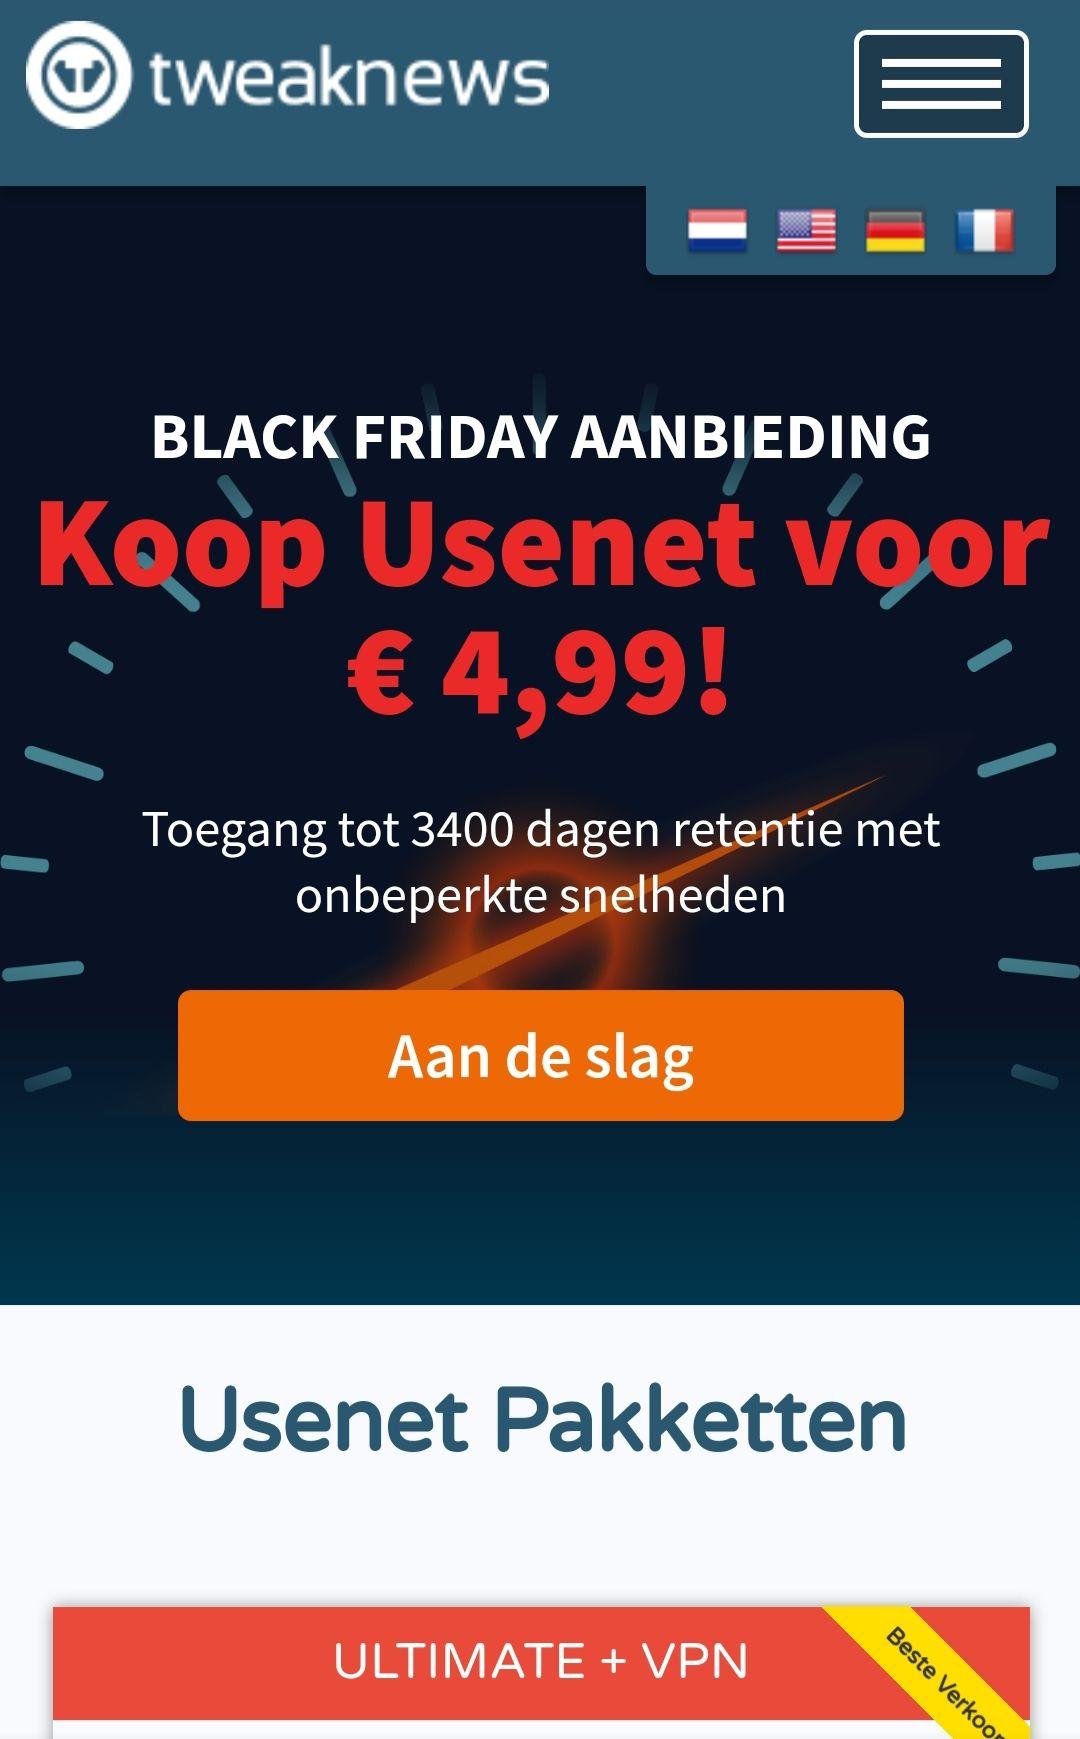 Tweaknews - Black Friday - Nieuwsgroepen + VPN